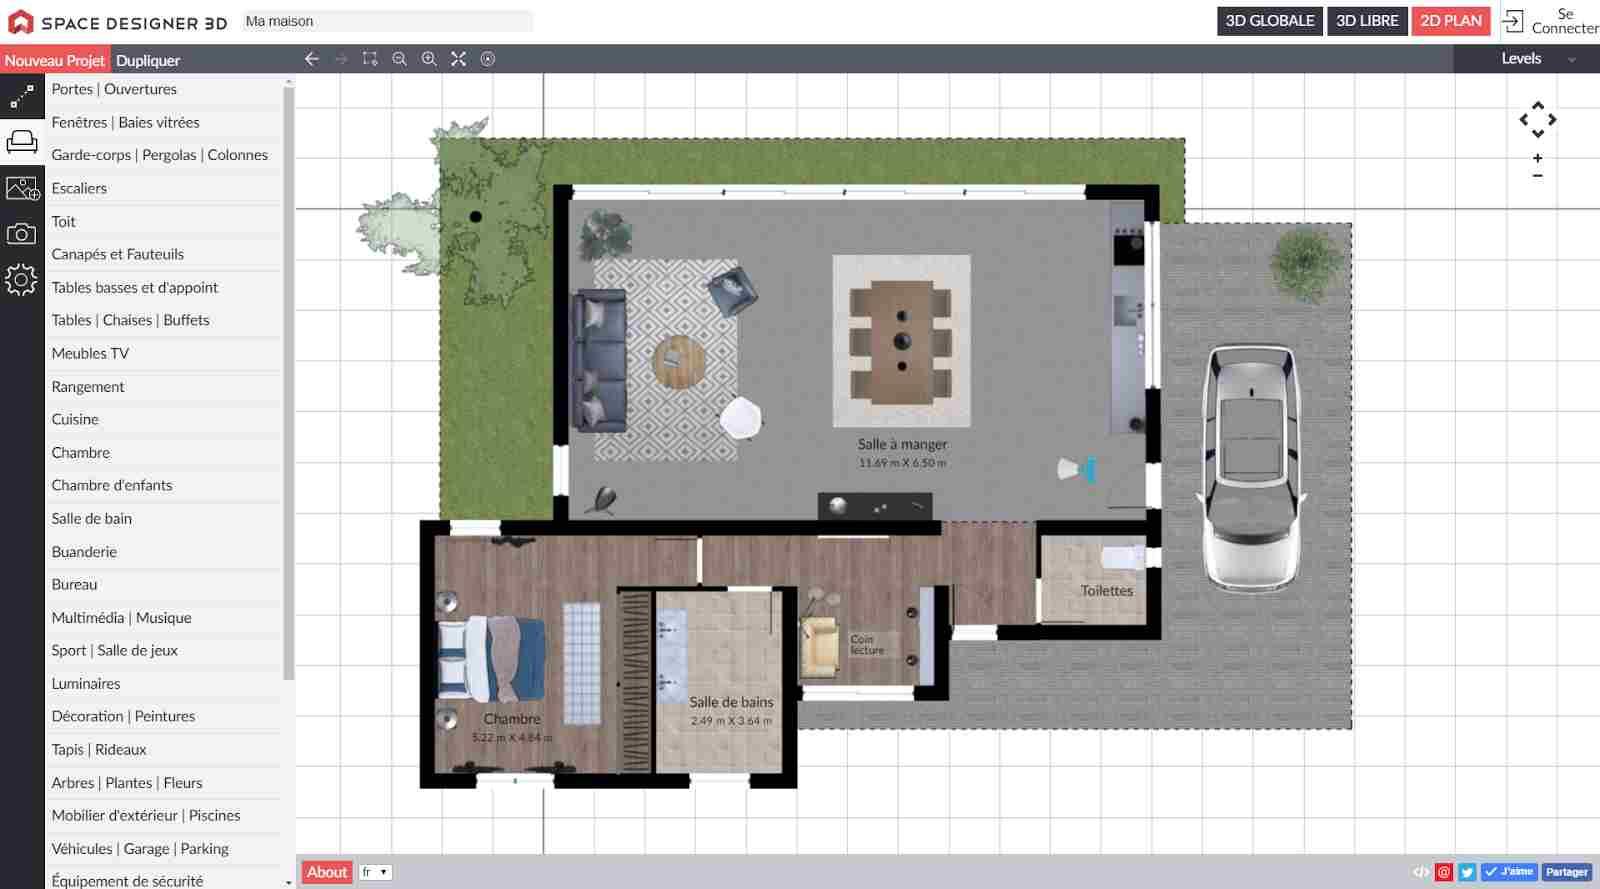 Logiciel pour creer sa maison en 3d gratuit projet d - Creer plan de maison gratuit ...